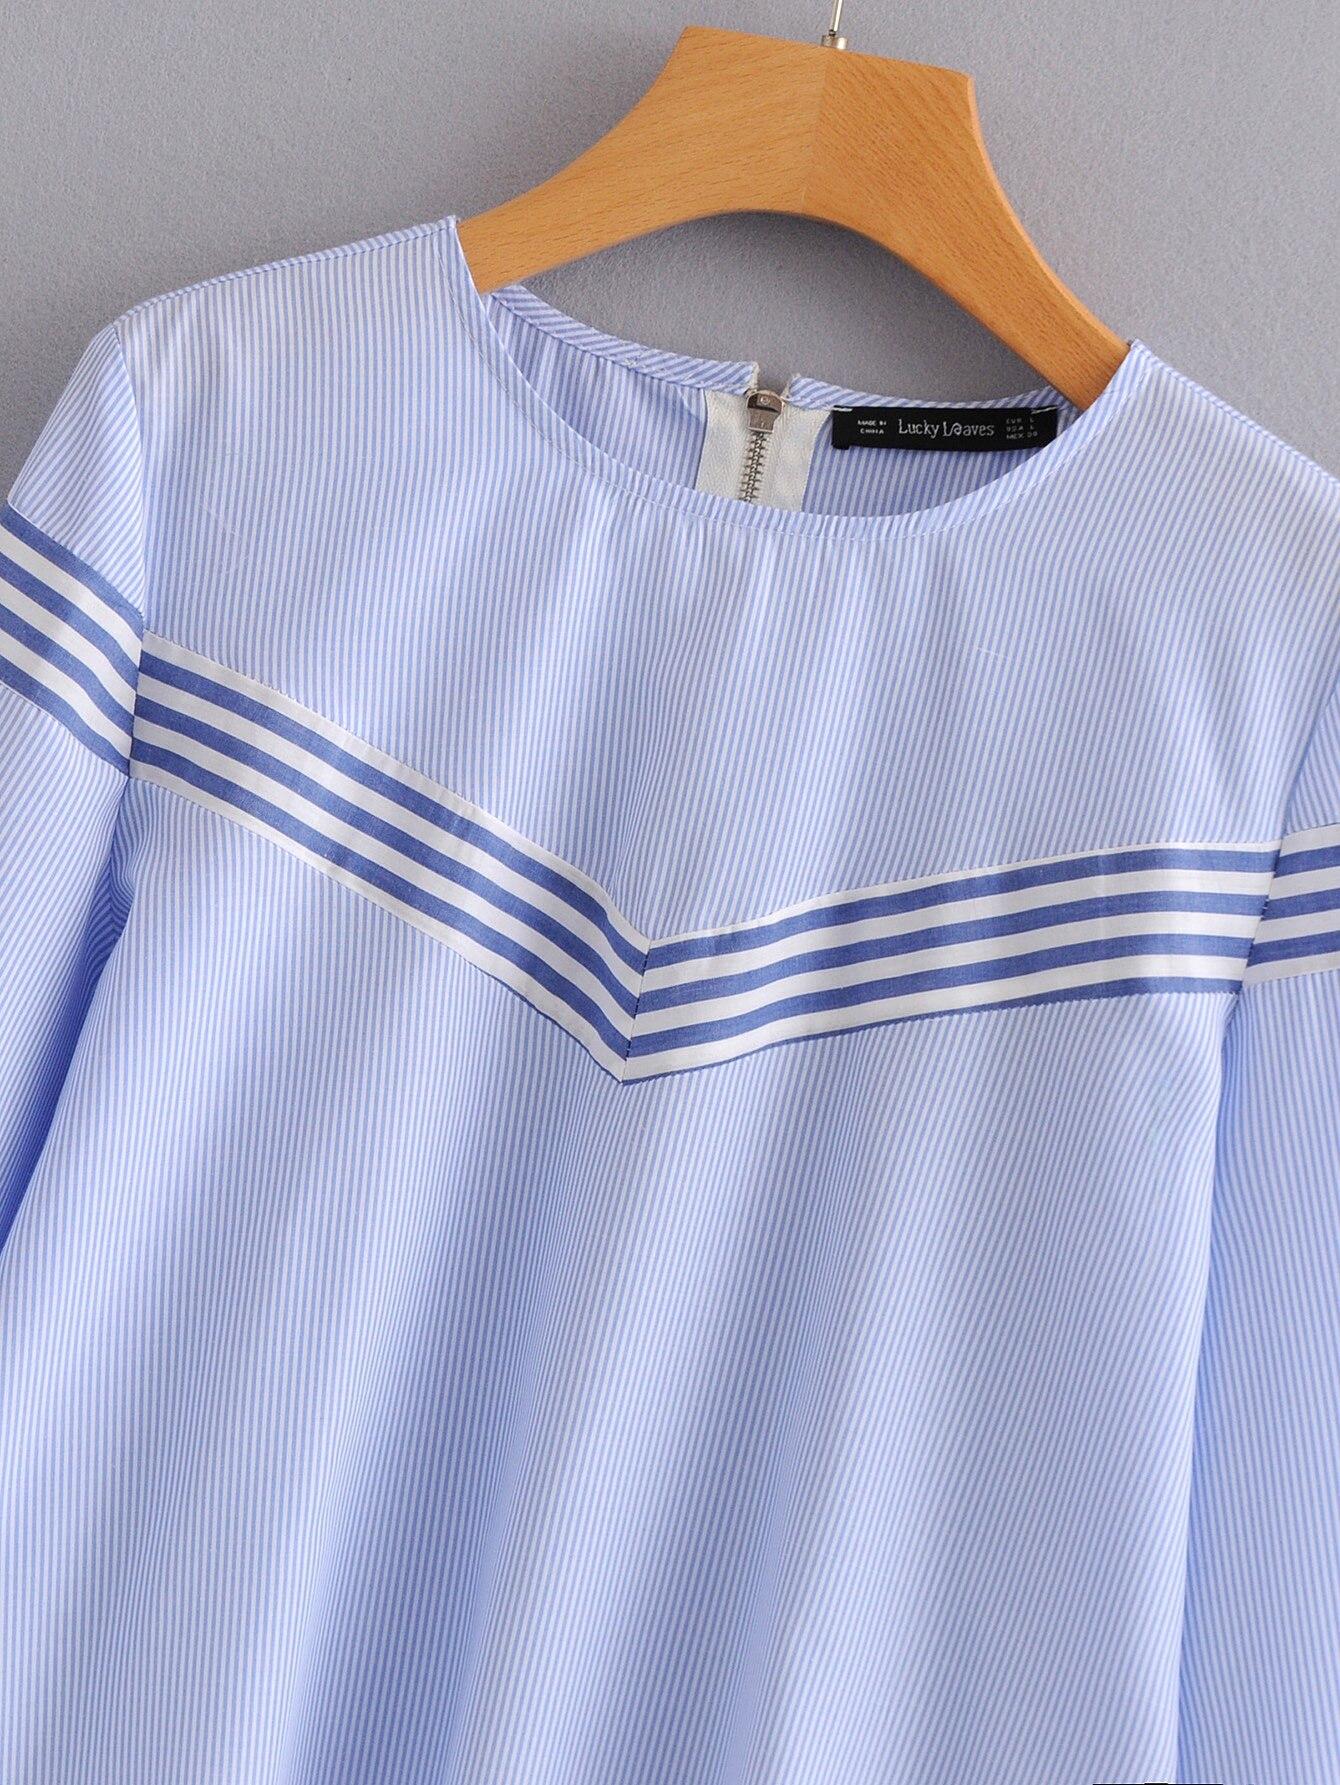 O Chauve Femmes Manches cou Nouvelles Bleu Tops souris Floral Shirt Blouse Voguein Gros Lâche Broderie 5Eq0W